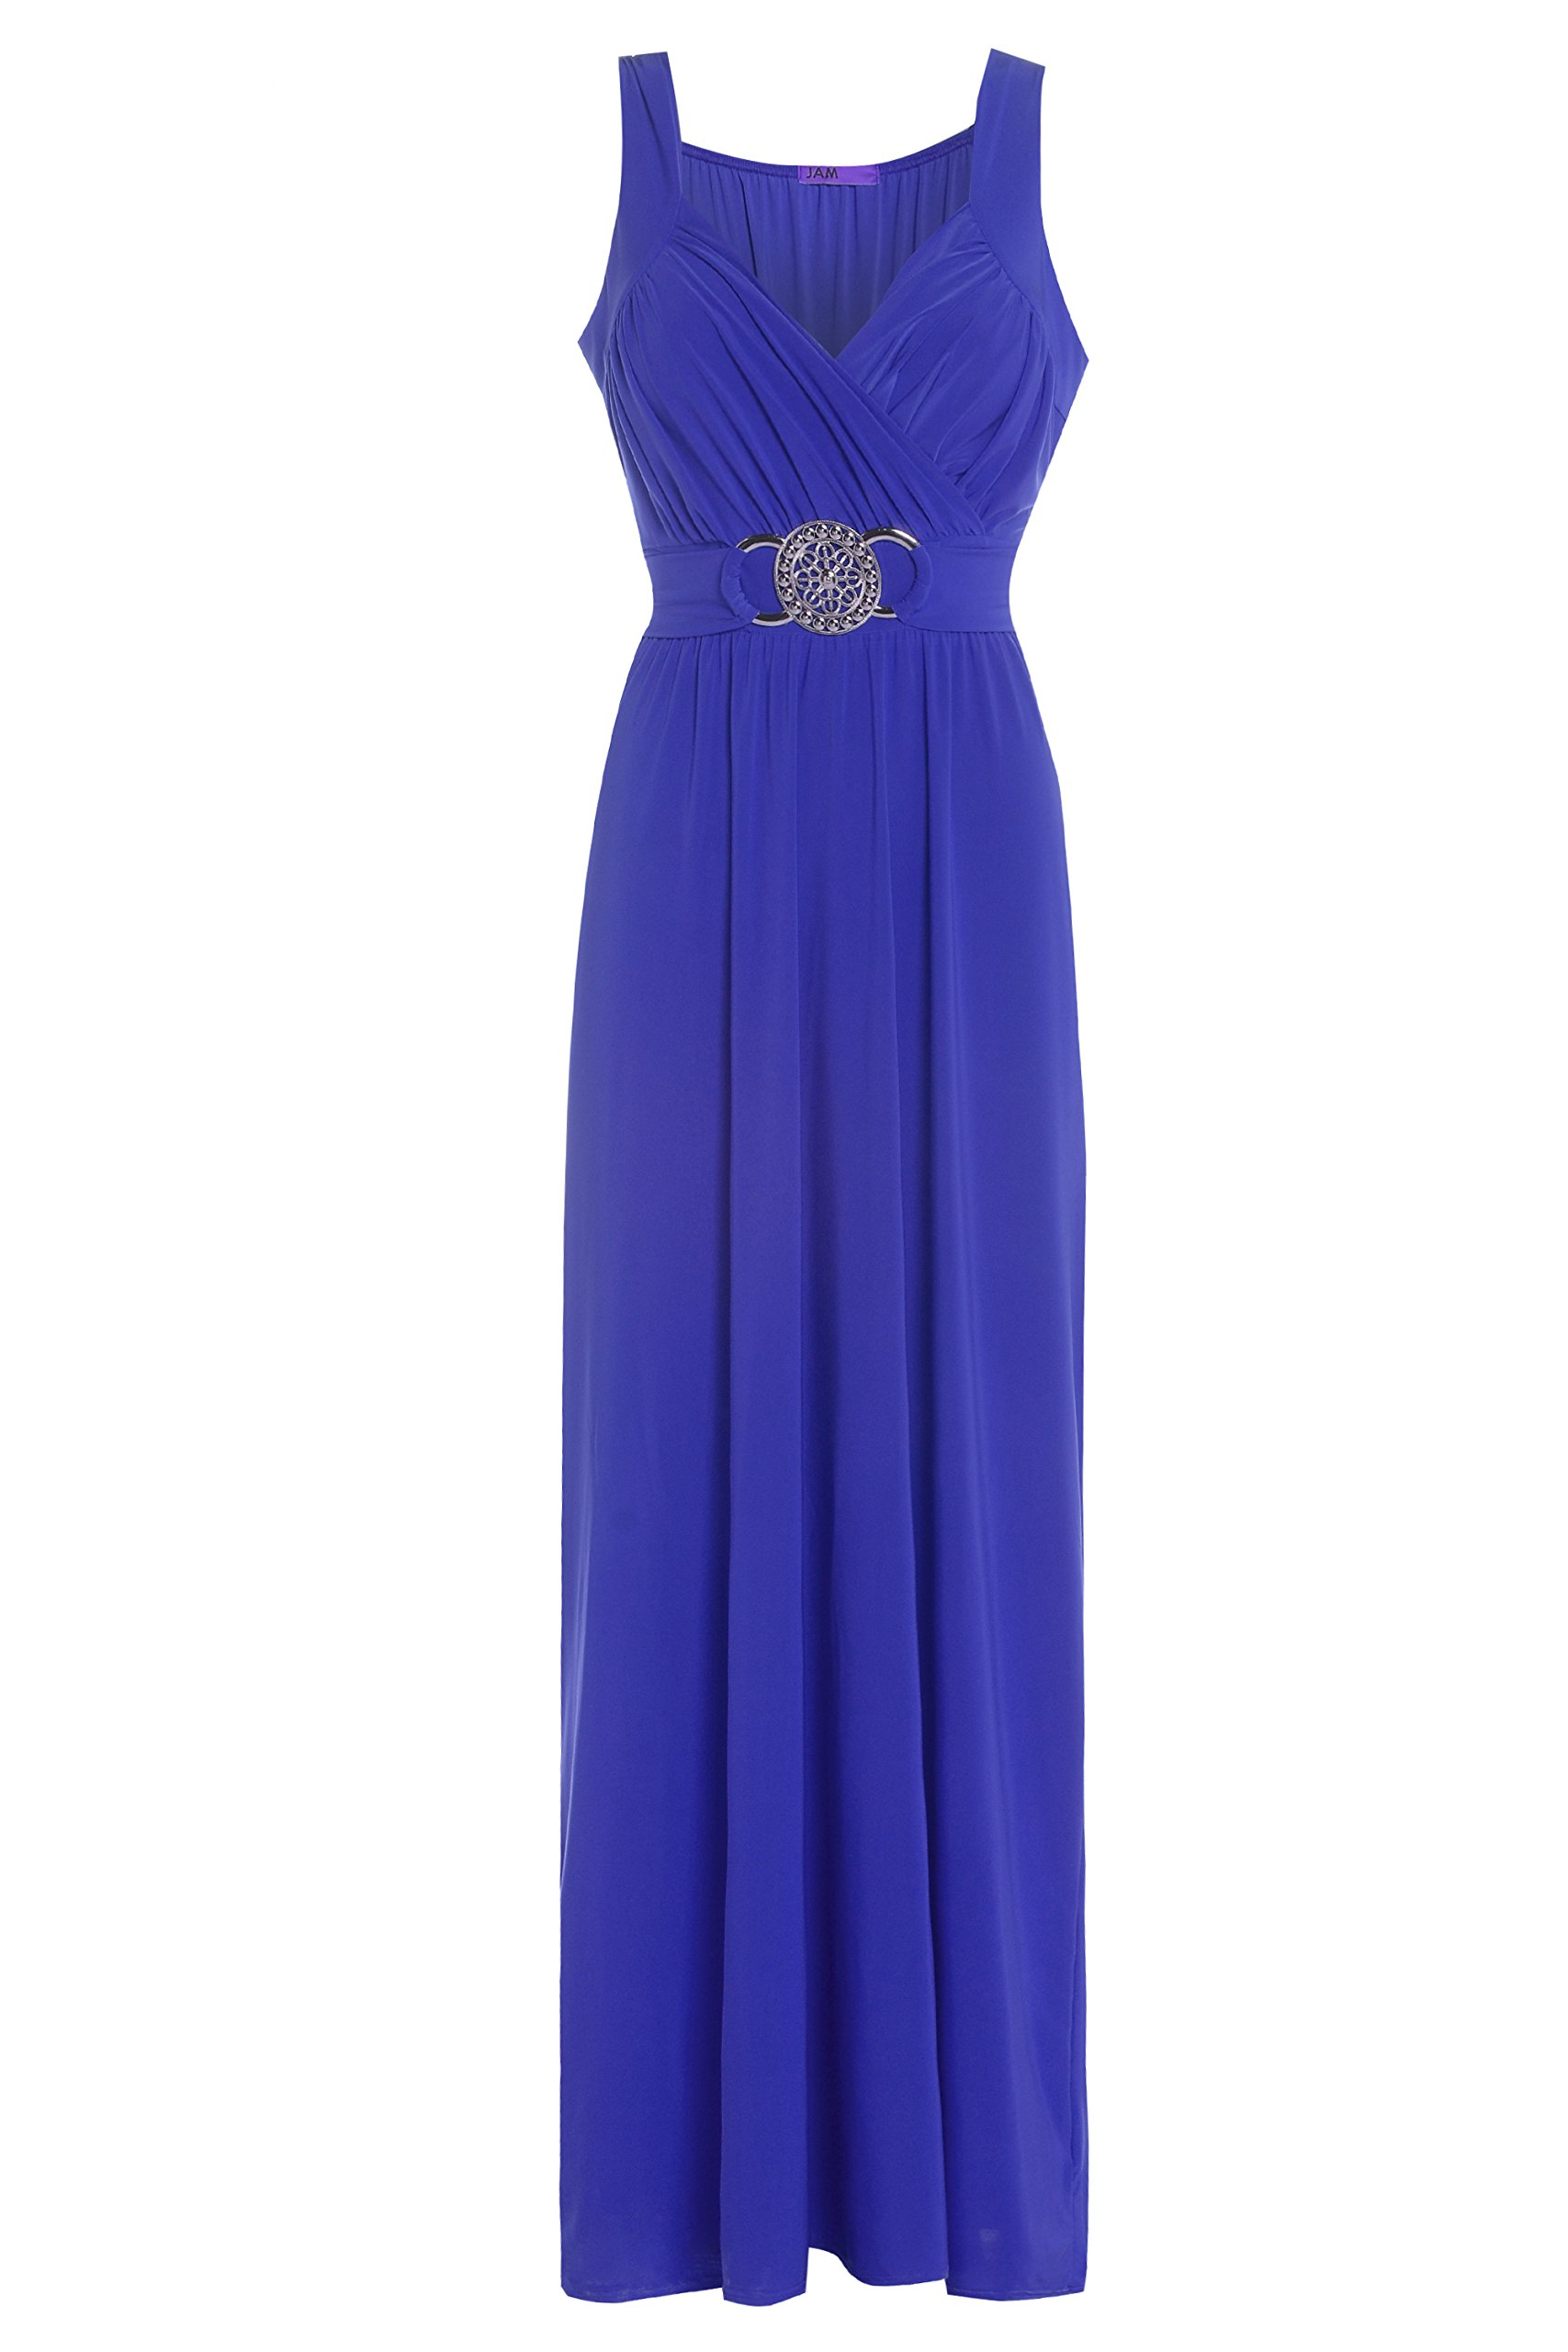 Blue Bridesmaid Dresses UK: Amazon.co.uk